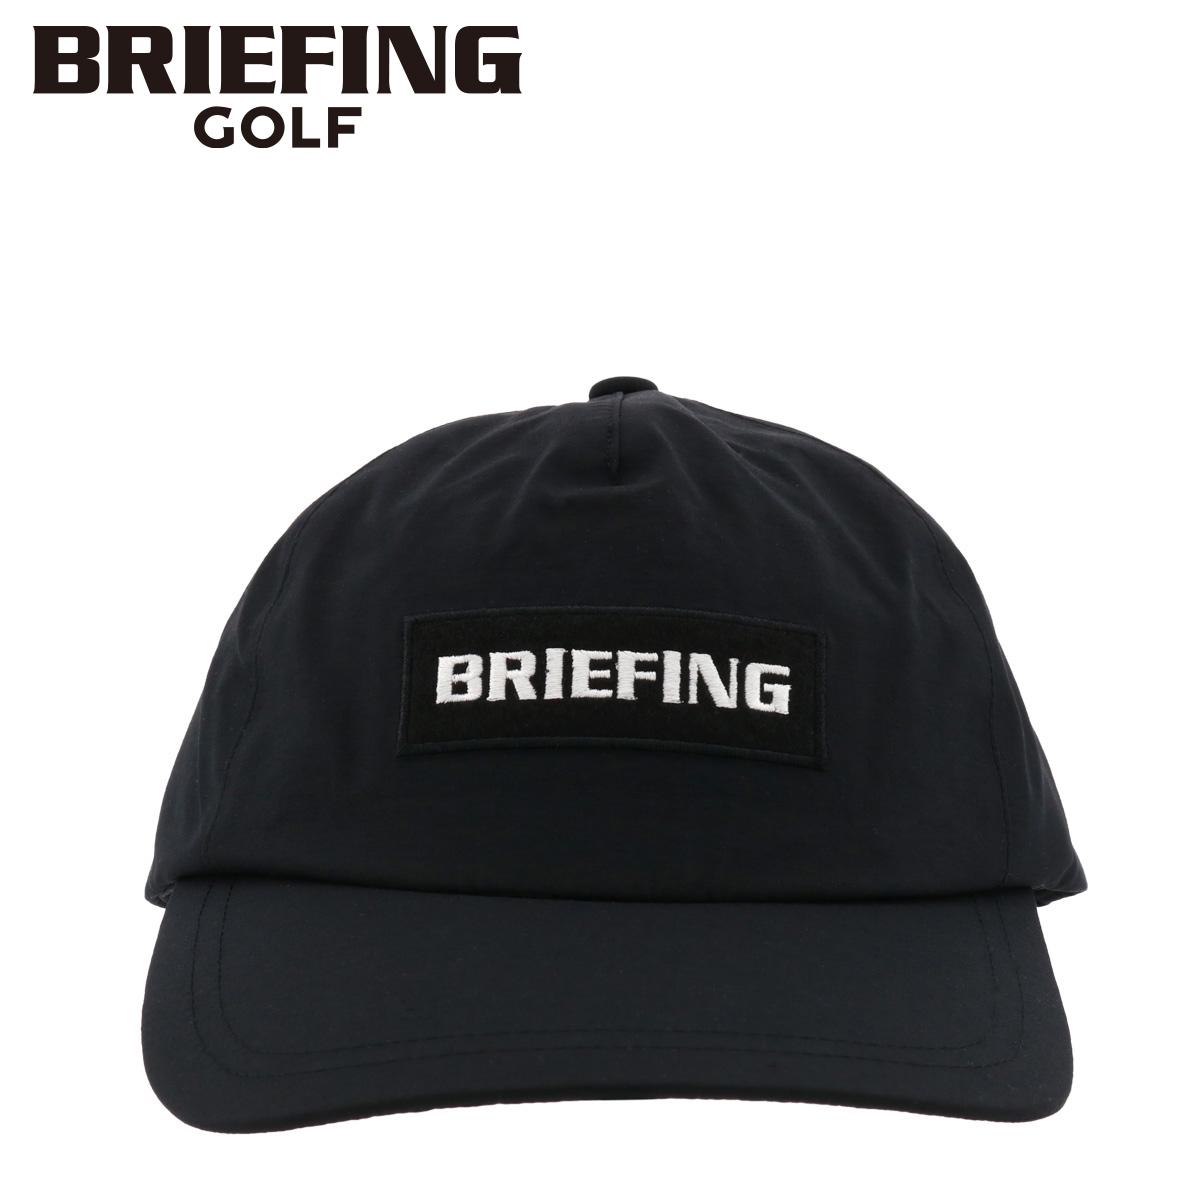 人気ショップが最安値挑戦 送料無料 あす楽 ブリーフィング キャップ 撥水 ゴルフ メンズ BRG211M66 内祝い BRIEFING 帽子 MENS 即日発送 PO10 BASIC EVENT bef RAIN レインキャップ CAP サイズ調節可能 ウォータープルーフ